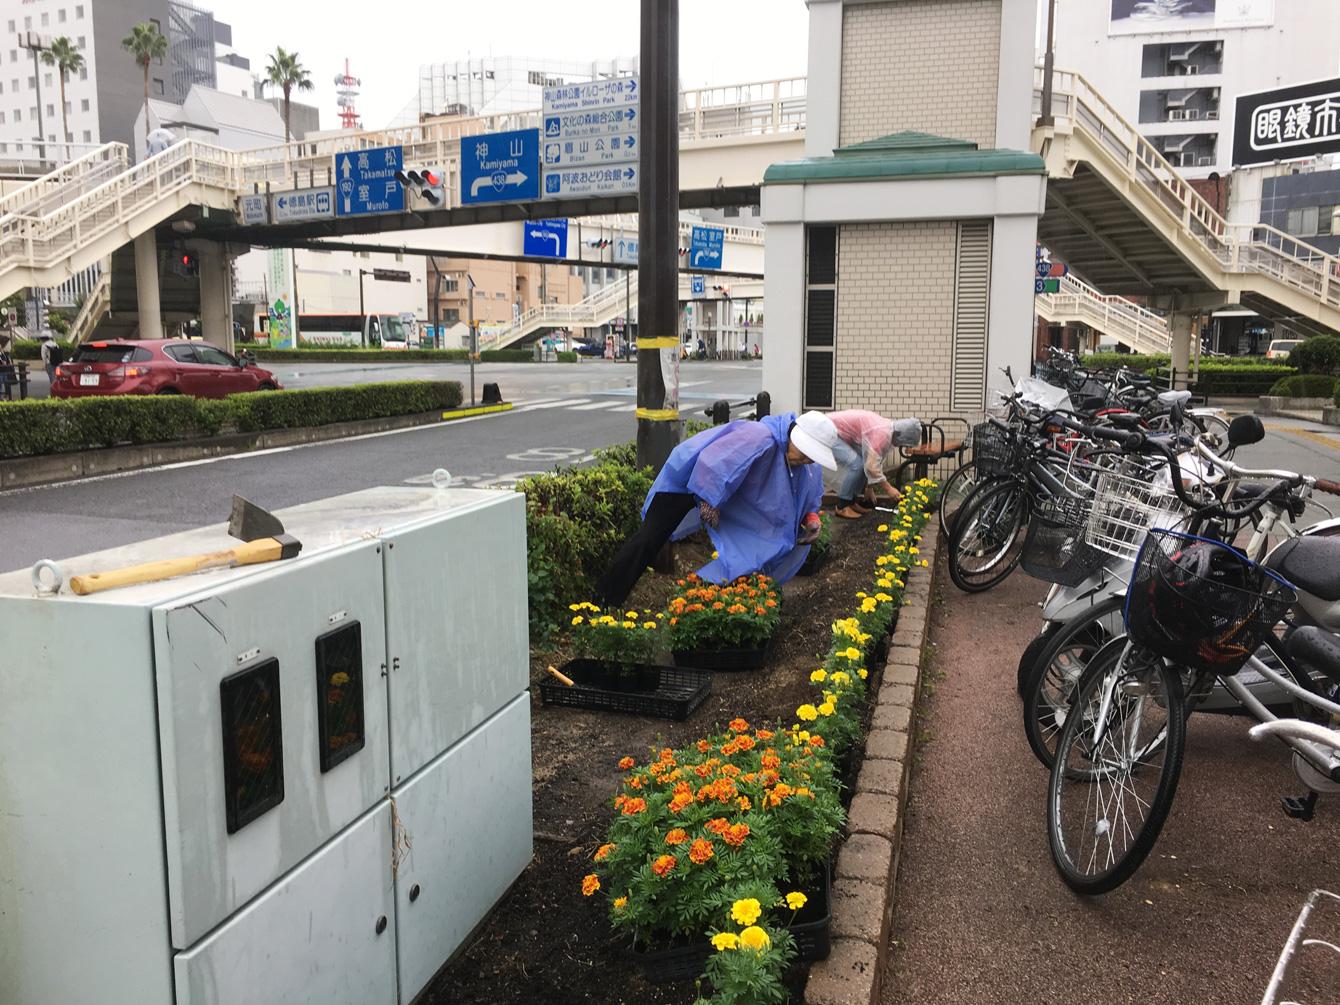 9月16日に行われた花植え会の様子。2万4000株のマリーゴールドを、みんなで手分けして植えました。